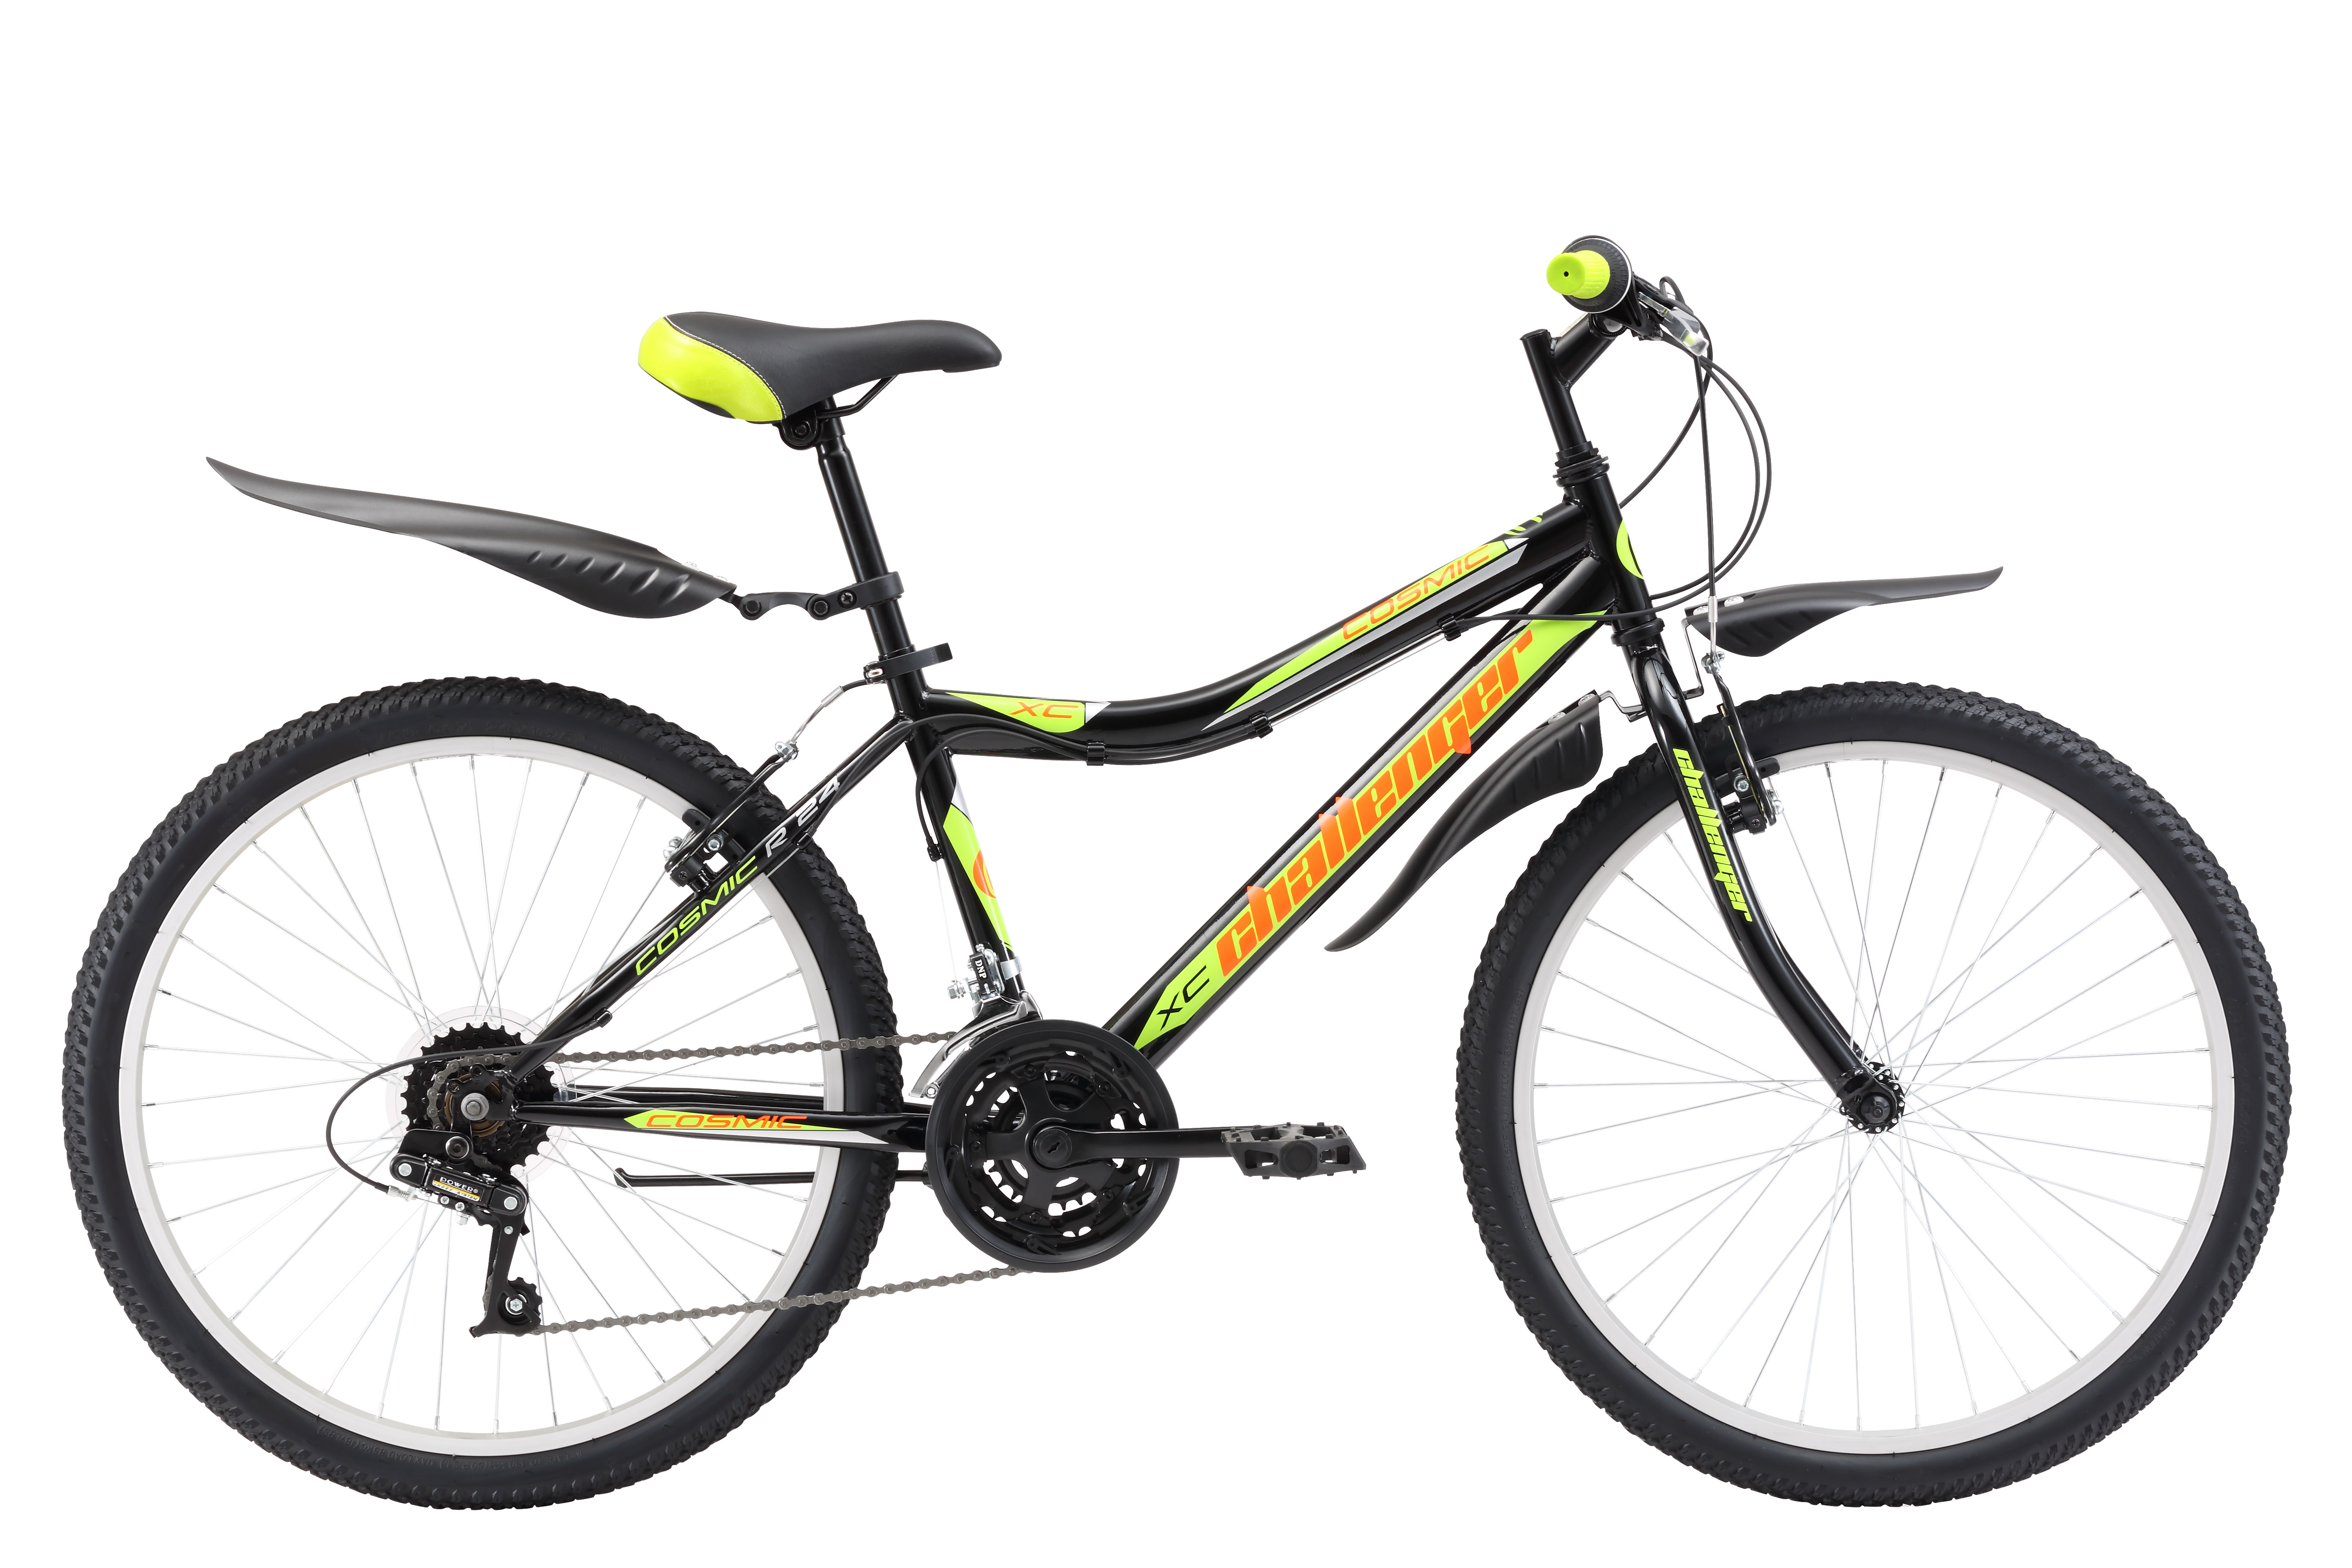 Велосипед Challenger Cosmic 24 R (2017) черно-желтый 13ОТ 9 ДО 13 ЛЕТ (24-26 ДЮЙМОВ)<br>Подростковый велосипед Challenger Cosmic R 24, подходит для велопрогулок на природе и в городе. В основе конструкции лежит прочная стальная рама. Передняя подвеска оборудована жёсткой вилкой, которая легче чем амортизационные, и прекрасно подходит для катания по асфальту. Колёса на усиленных ободах устойчивы к ударам и хорошо держат круглую форму. Трансмиссия подросткового велосипеда Challenger Cosmic R 24 имеет 18 передач и управляется переключателями типа RevoShift. Ободные тормоза типа V-brake надёжны и просты в облуживании. Подростковый велосипед Challenger Cosmic R 24 укомплектован подножкой и удобными крыльями.<br><br>бренд: CHALLENGER<br>год: 2017<br>рама: Сталь (Hi-Ten)<br>вилка: Жесткая (сталь)<br>блокировка амортизатора: Нет<br>диаметр колес: 24<br>тормоза: Ободные (V-brake)<br>уровень оборудования: Начальный<br>количество скоростей: 18<br>Цвет: черно-желтый<br>Размер: 13